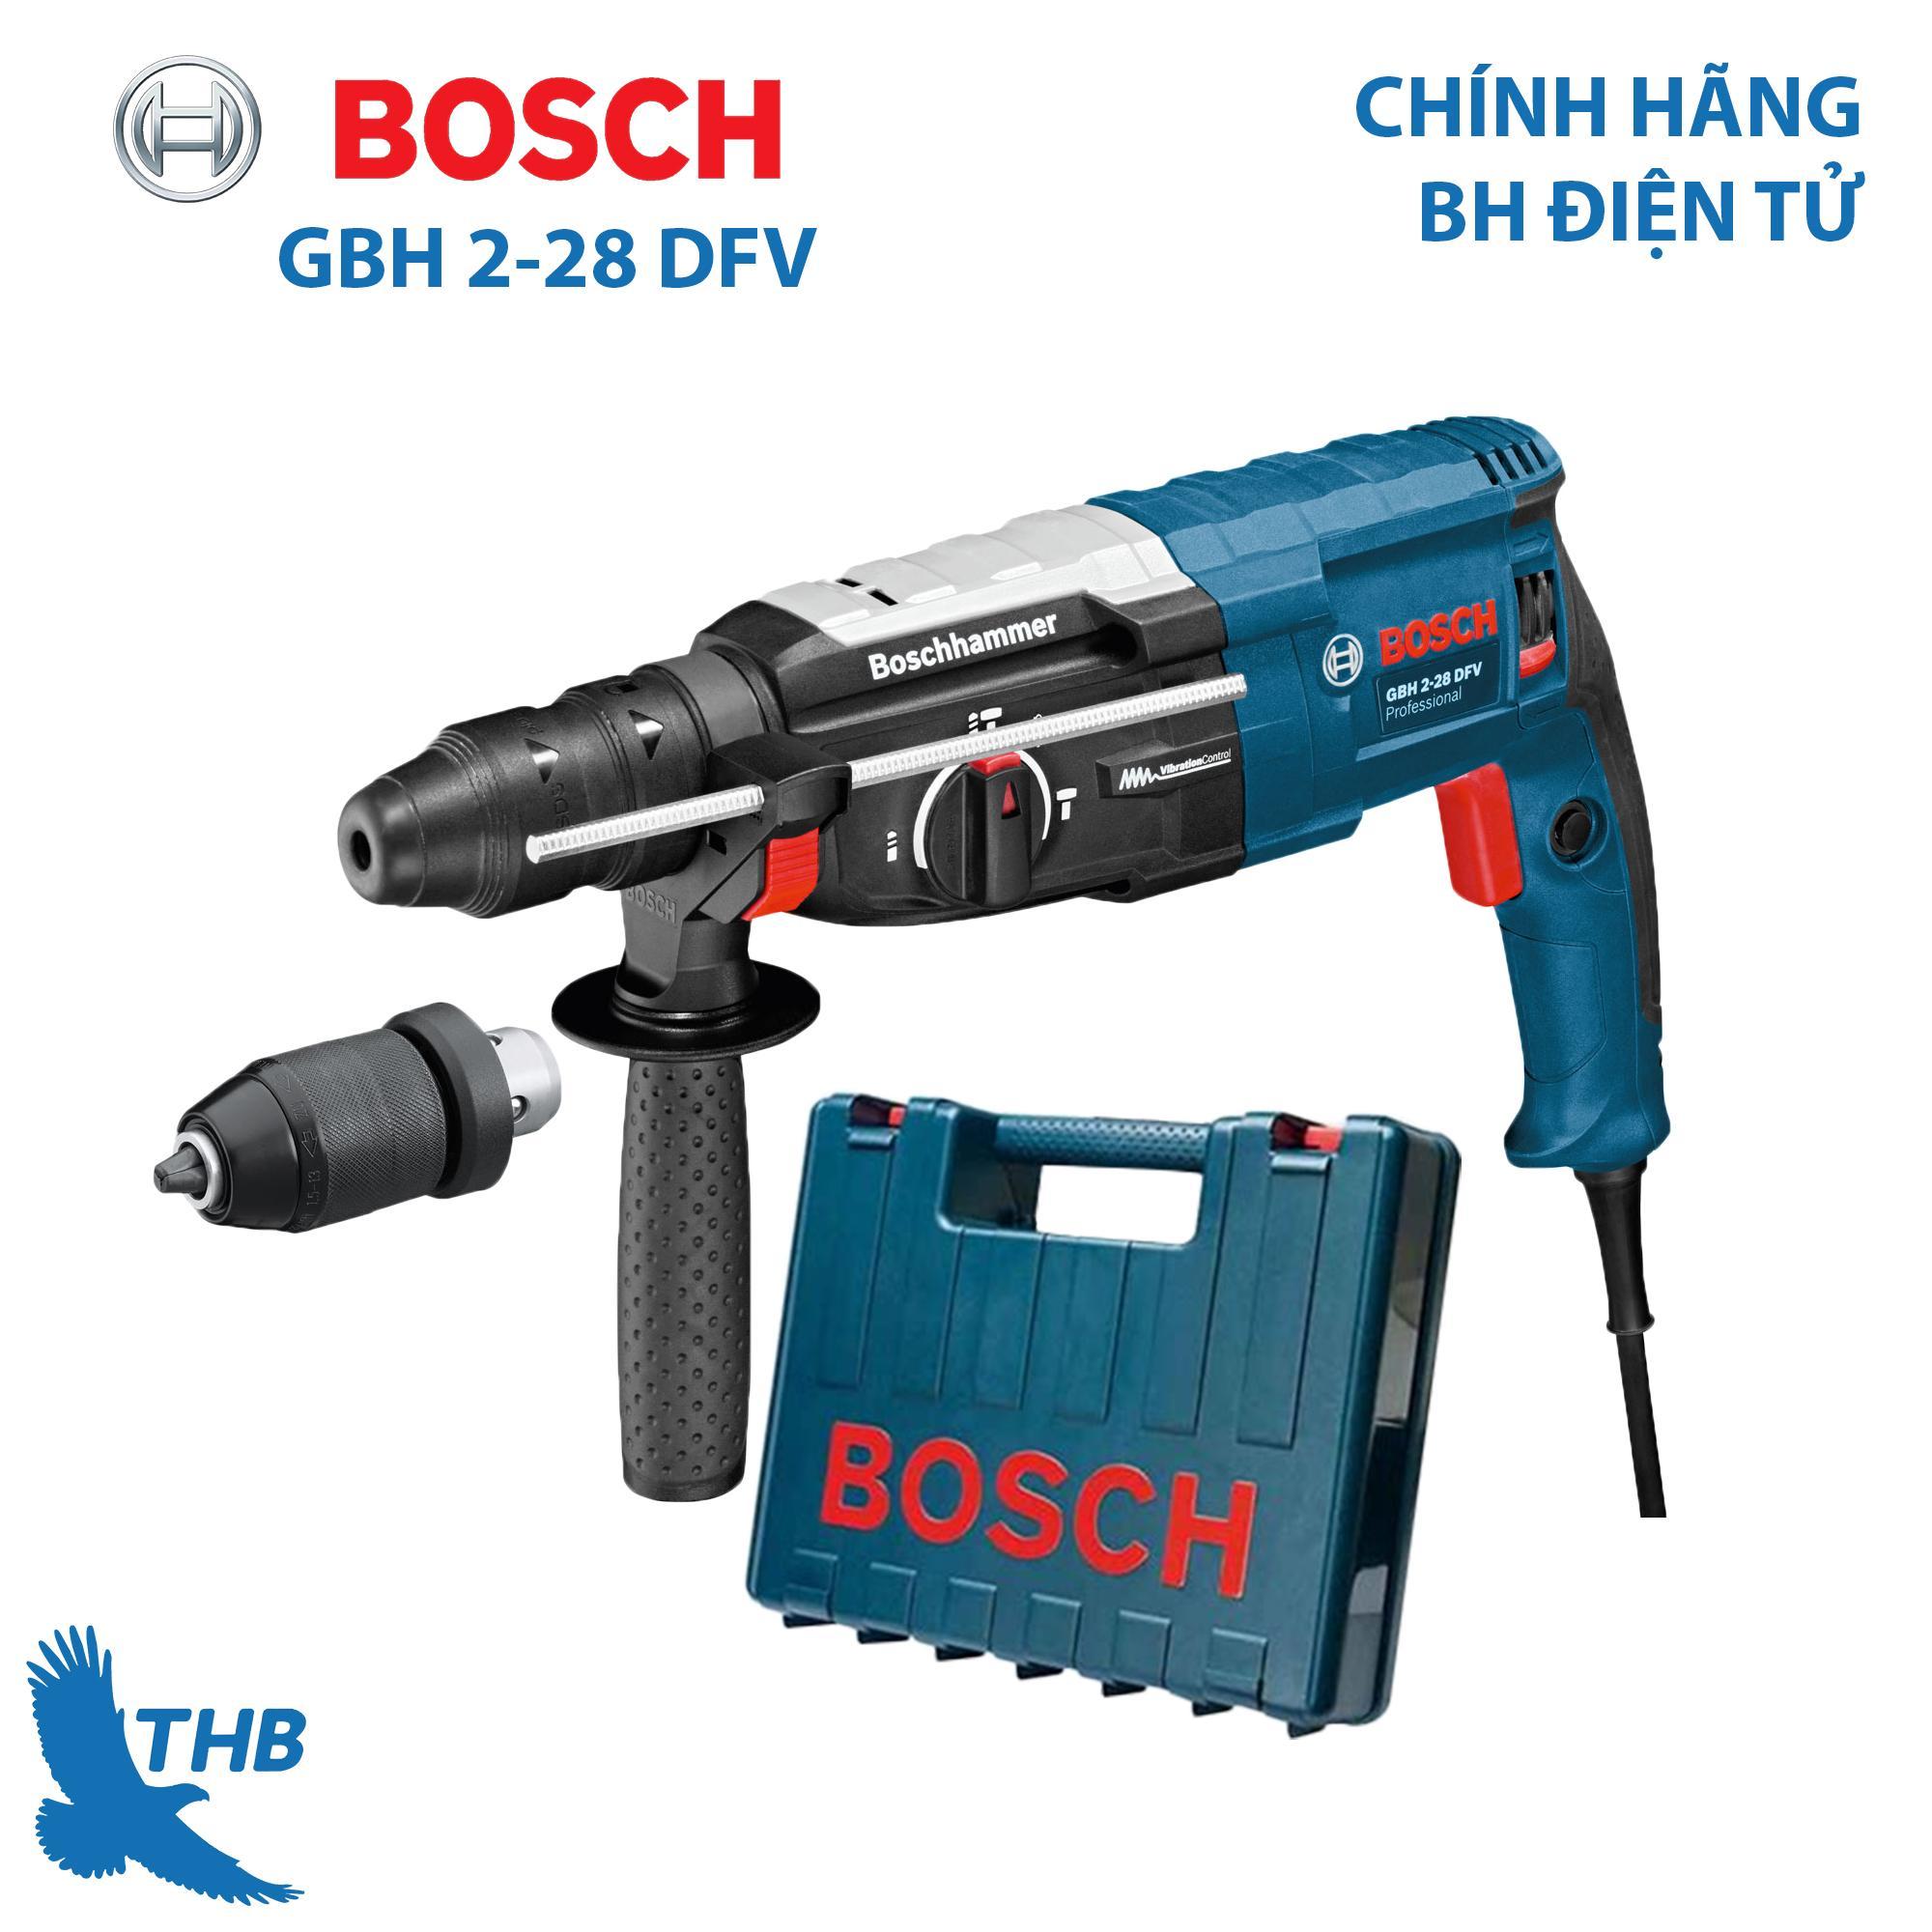 Máy khoan bê tông Máy khoan búa Bosch GBH 2-28 DFV Công suất 850W Mũi khoan búa 28mm Bảo hành điện tử 12 tháng